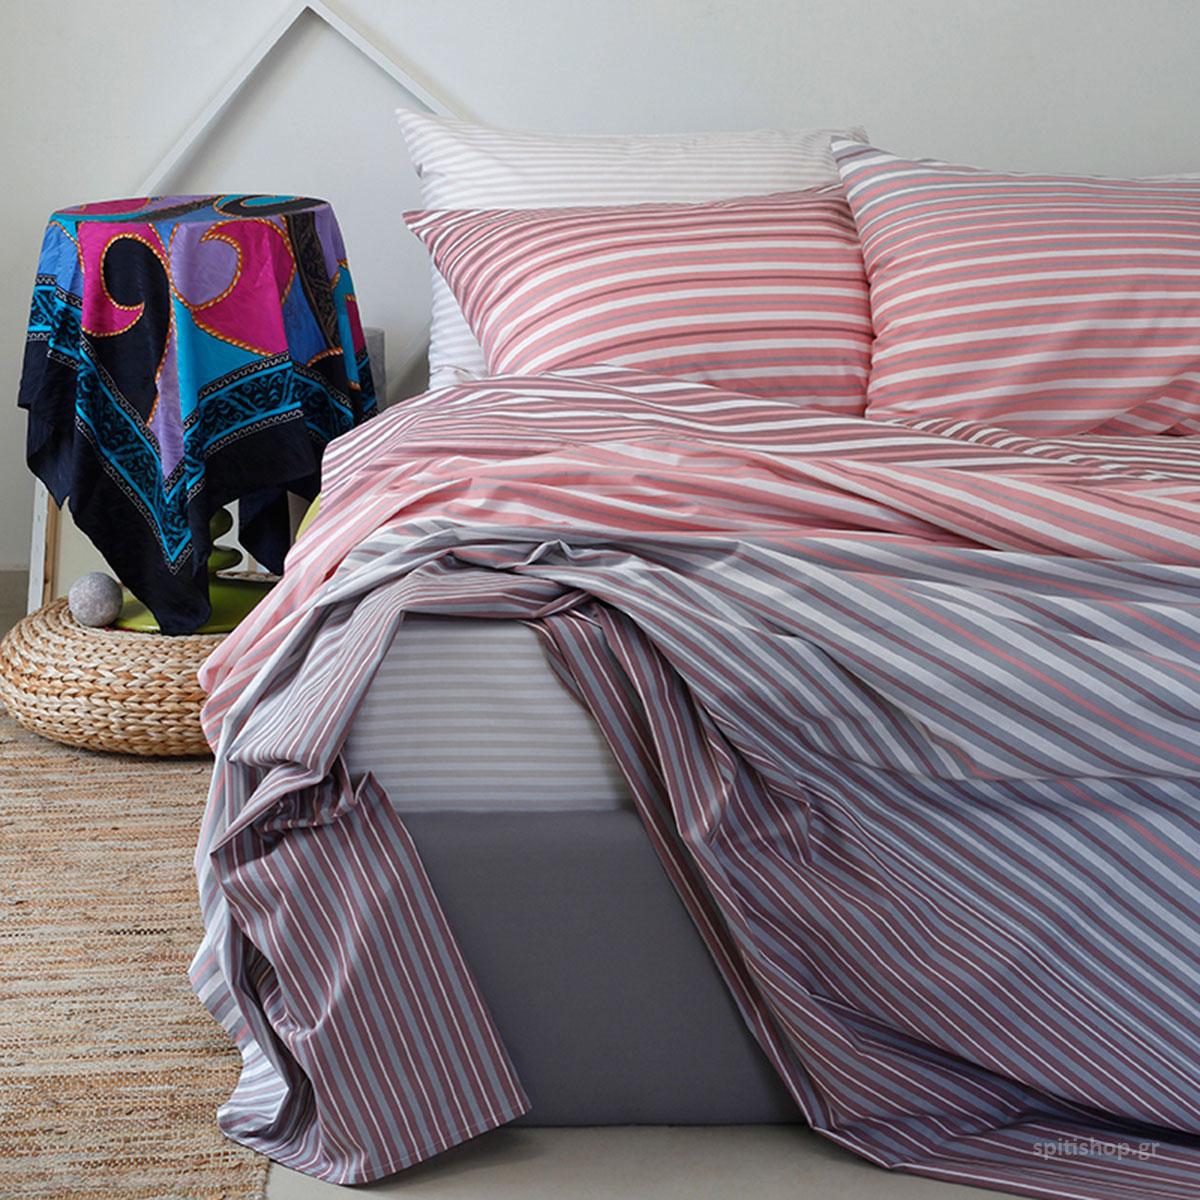 Σεντόνια Υπέρδιπλα (Σετ) Melinen Ultra Corso Pink ΧΩΡΙΣ ΛΑΣΤΙΧΟ 235×270 ΧΩΡΙΣ ΛΑΣΤΙΧΟ 235×270